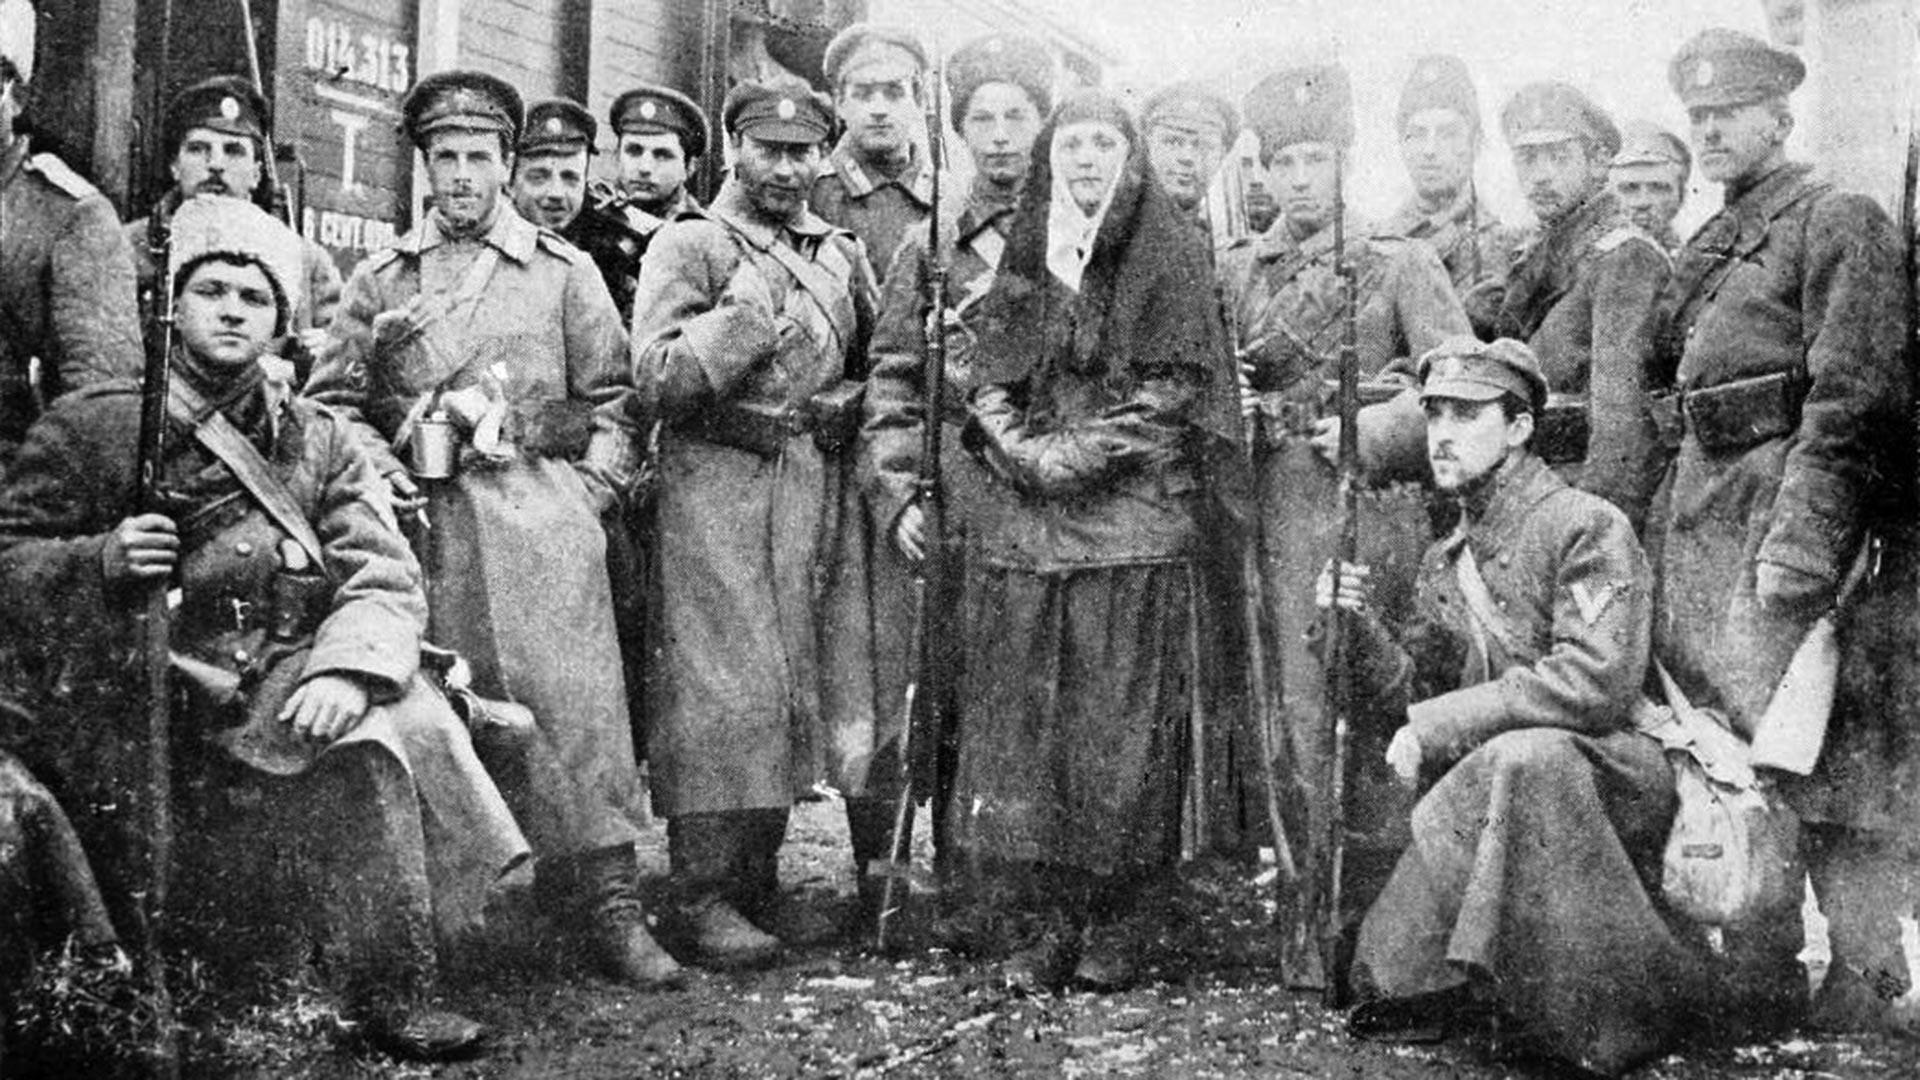 Пехотна рота от Доброволческата армия, оборудвана с гвардейски офицери.